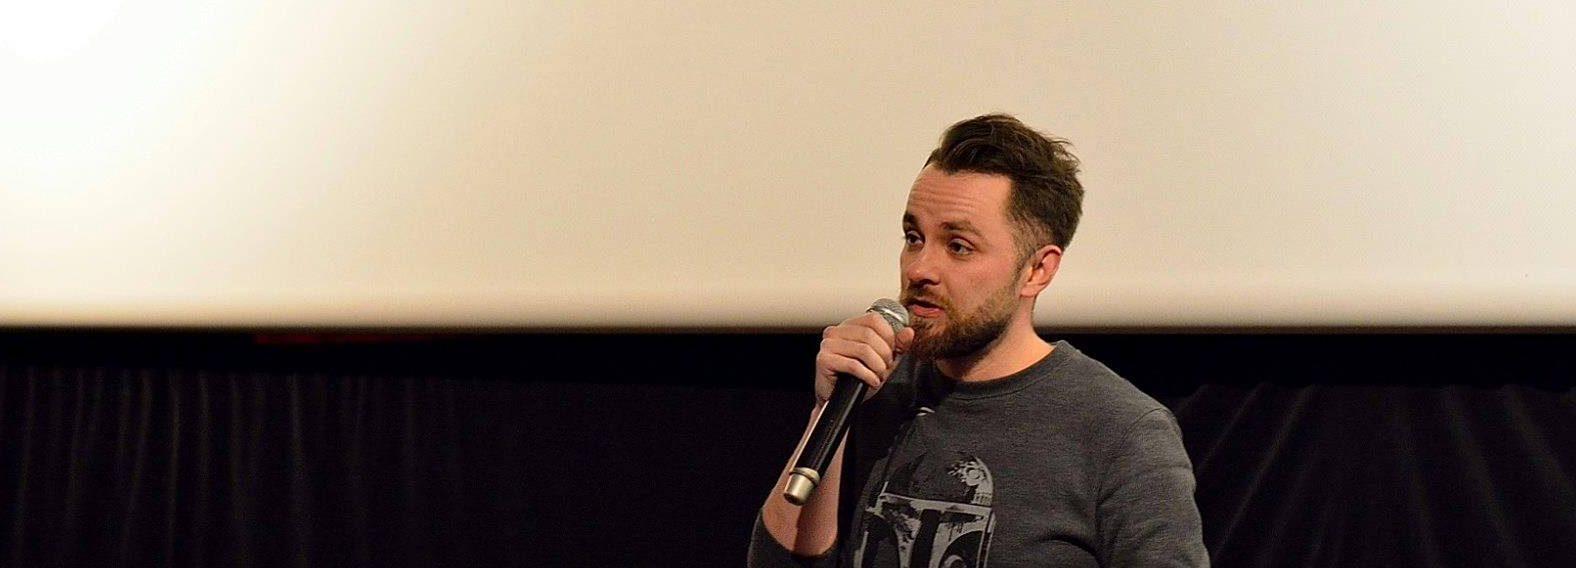 Fotografia: Michał Walkiewicz